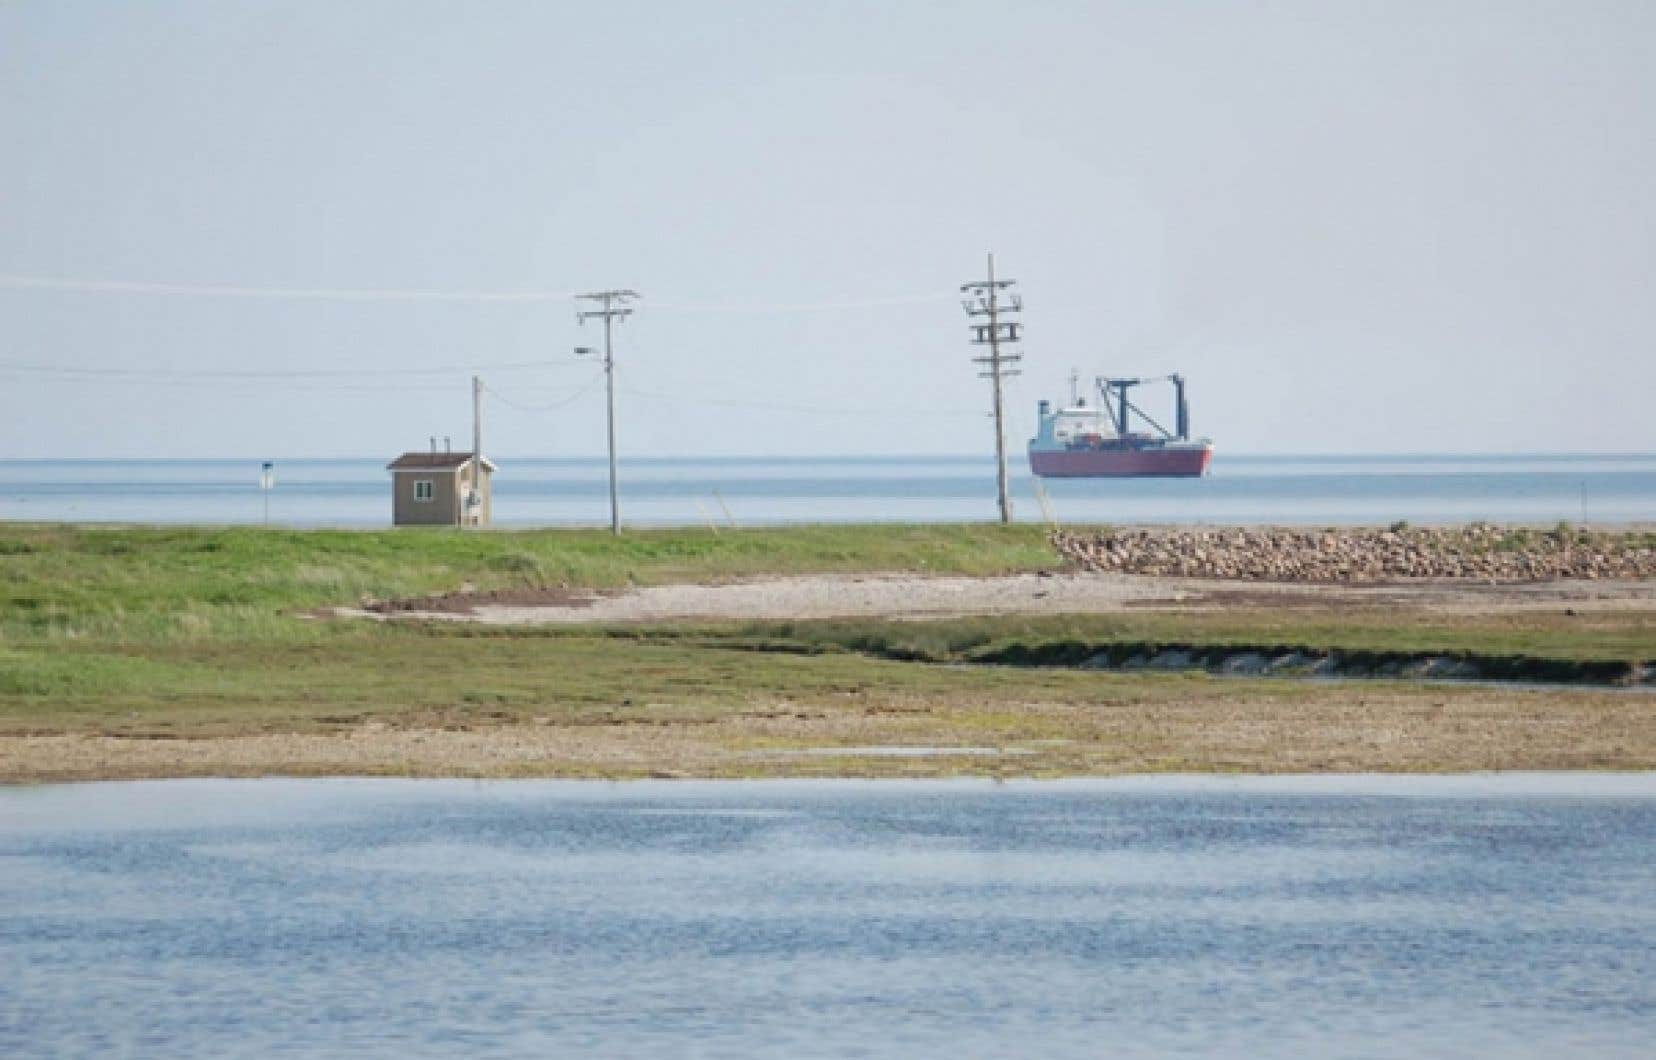 Alors que le débat sur l'exploitation de l'énergie fossile au Québec se concentre essentiellement sur la question des gaz de schiste, les entreprises qui lorgnent du côté pétrolier sont plus actives que jamais.